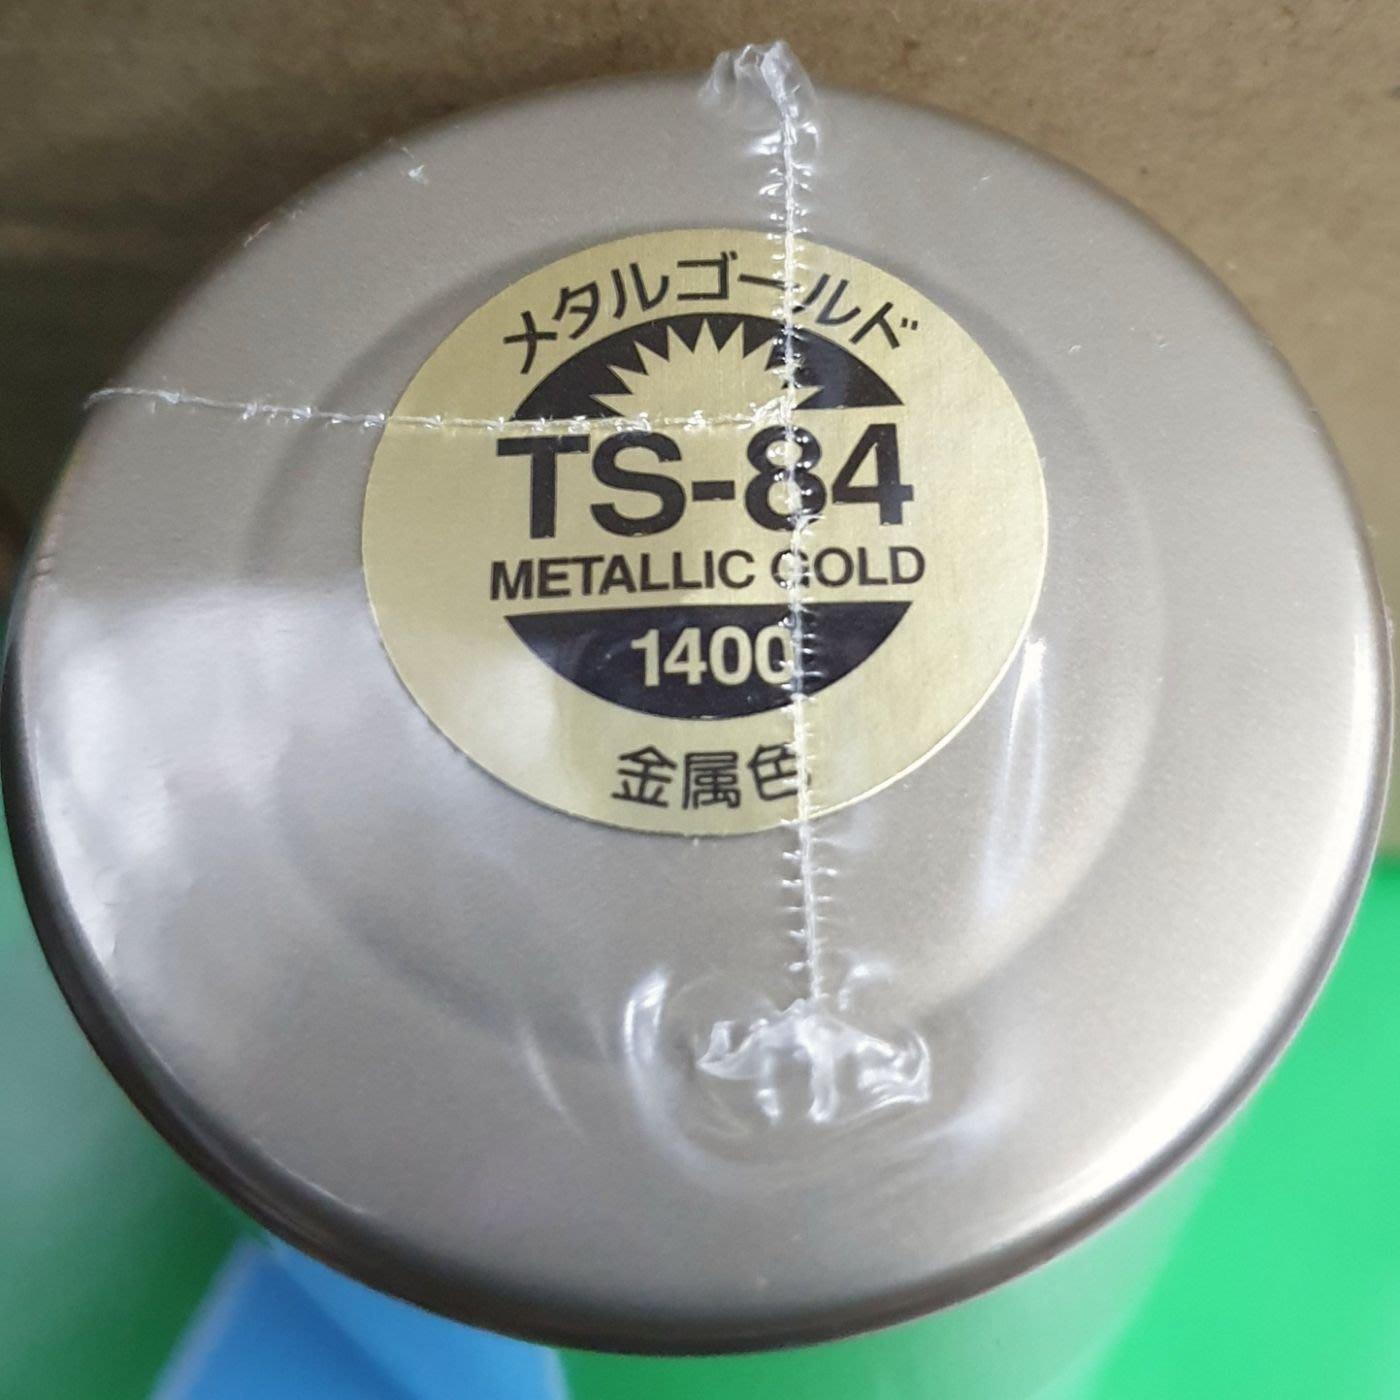 【鄭姐的店】日本 TAMIYA 模型專用噴漆 TS-84 金屬黃金色(仿 電鍍金)